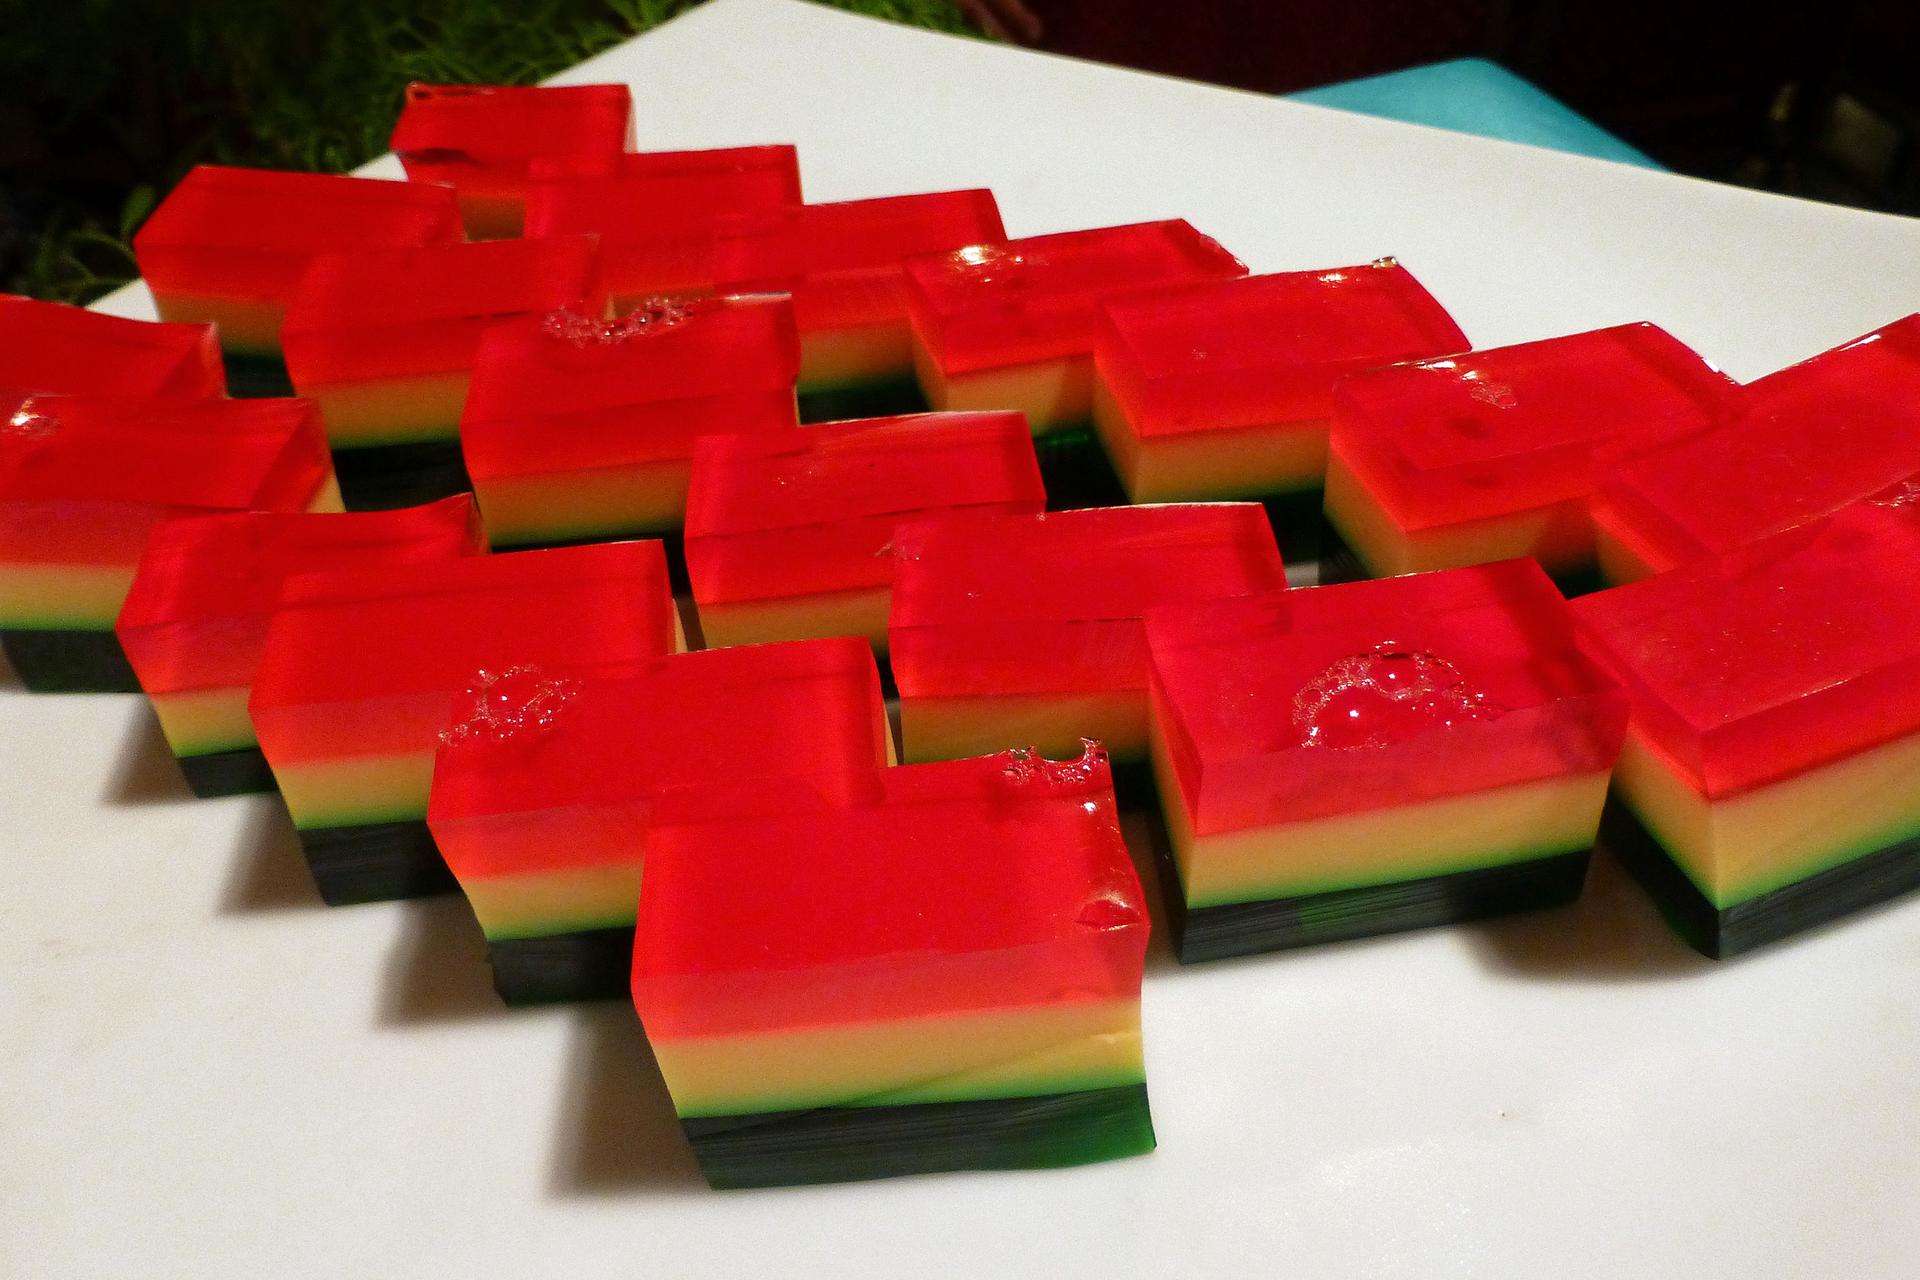 Fotografia przedstawia kilkanaście kawałków galaretki, złożonej ztrzech warstw. Od góry; czerwonej, wśrodku kremowej ina dole ciemno zielonej. Do produkcji słodyczy wykorzystuje się między innymi agar – agar, środek żelujący pozyskiwany zglonów.